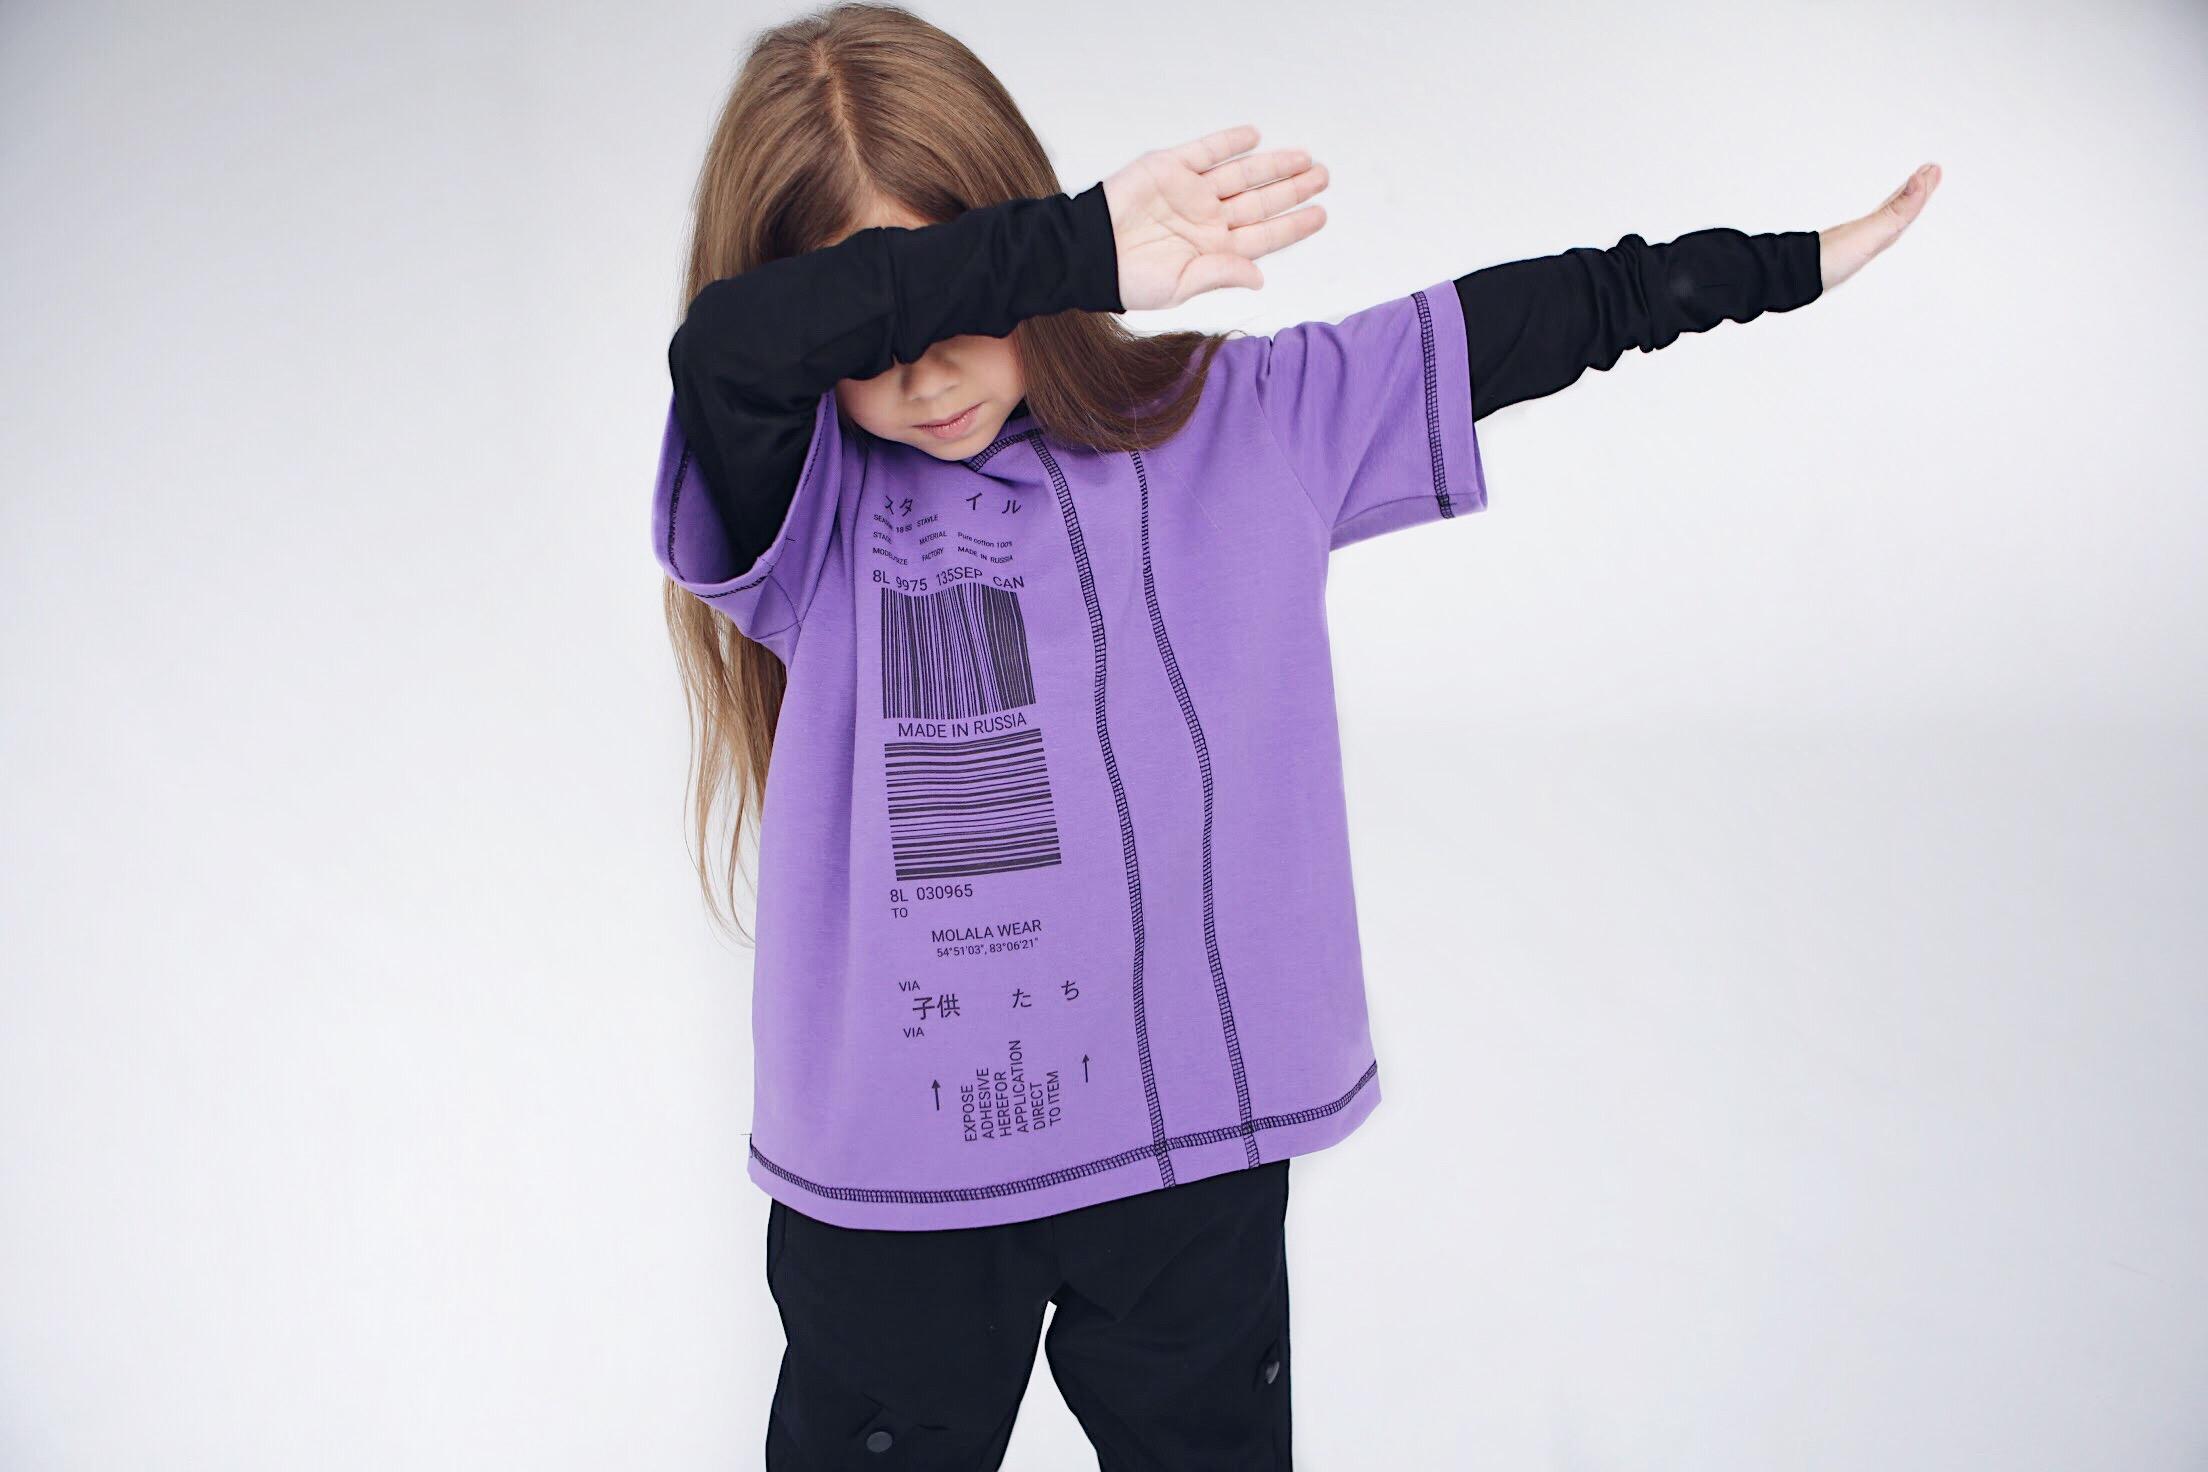 Лера любит чёрный цвет, но добавляет те, которые в тренде: сейчас это фиолетовый, по её мнению. Часто клиенты просят одежду для взрослых, которую они постепенно вводят